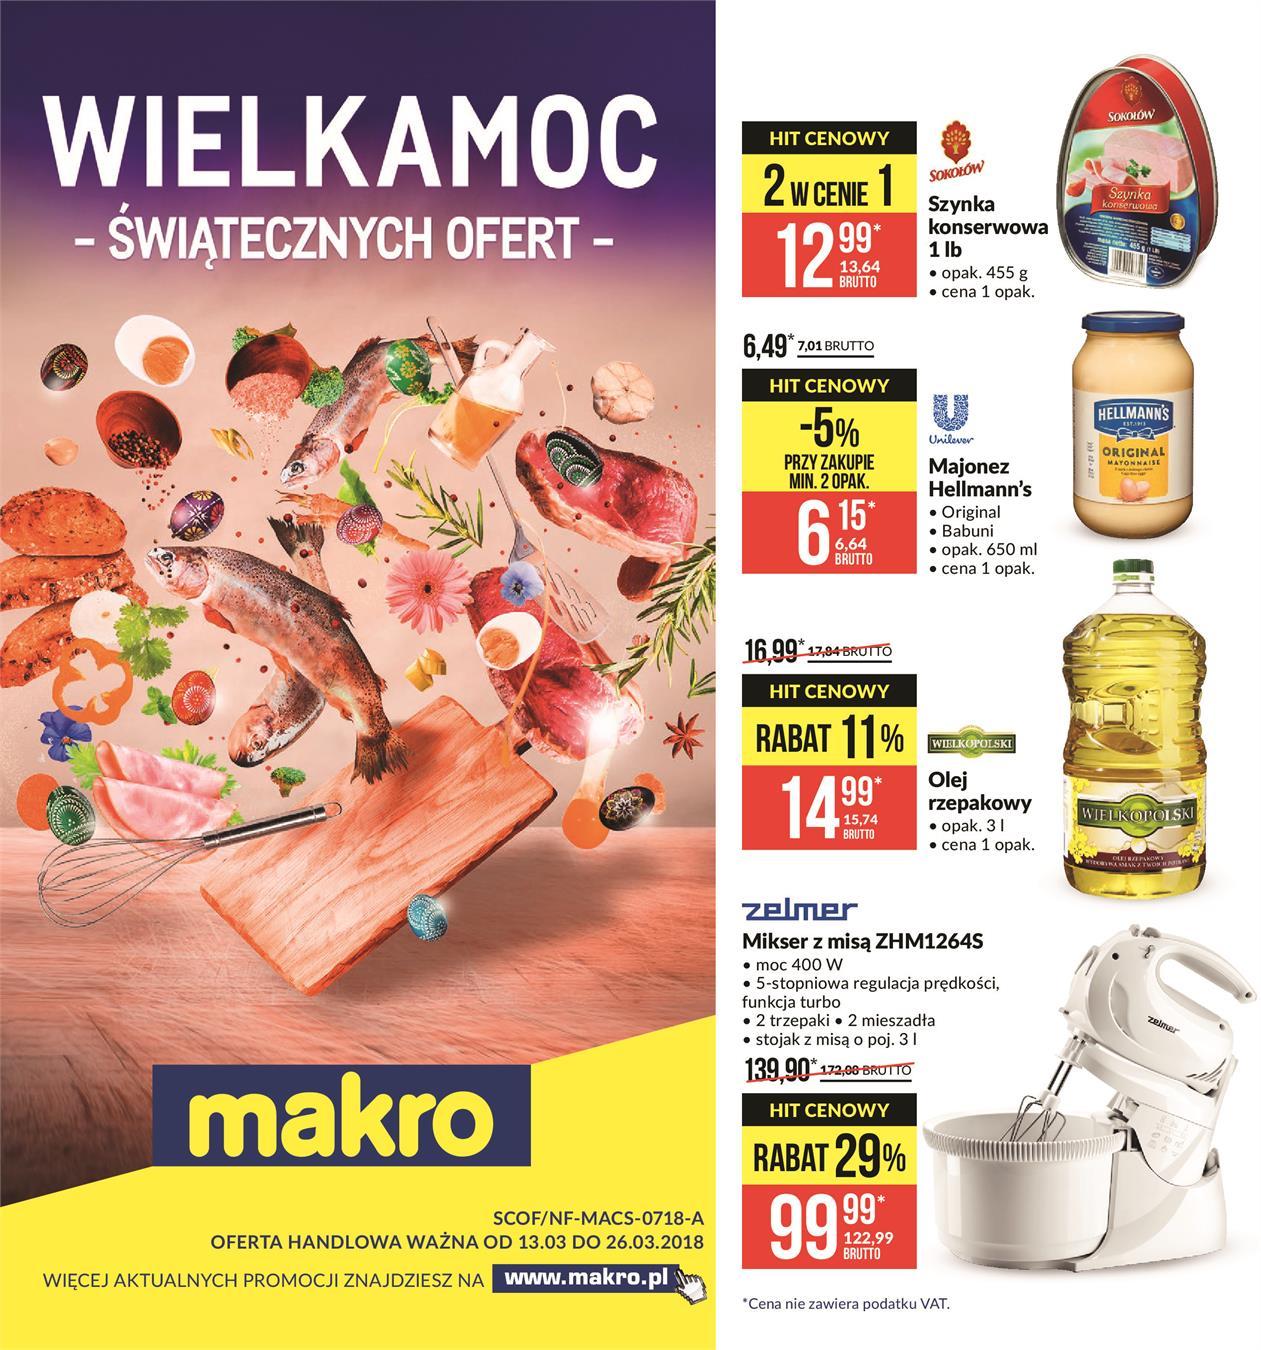 29f40a6305ae78 Gazetka promocyjna Makro od 13 marca ważna od 13-03-2018 do 26-03-2018